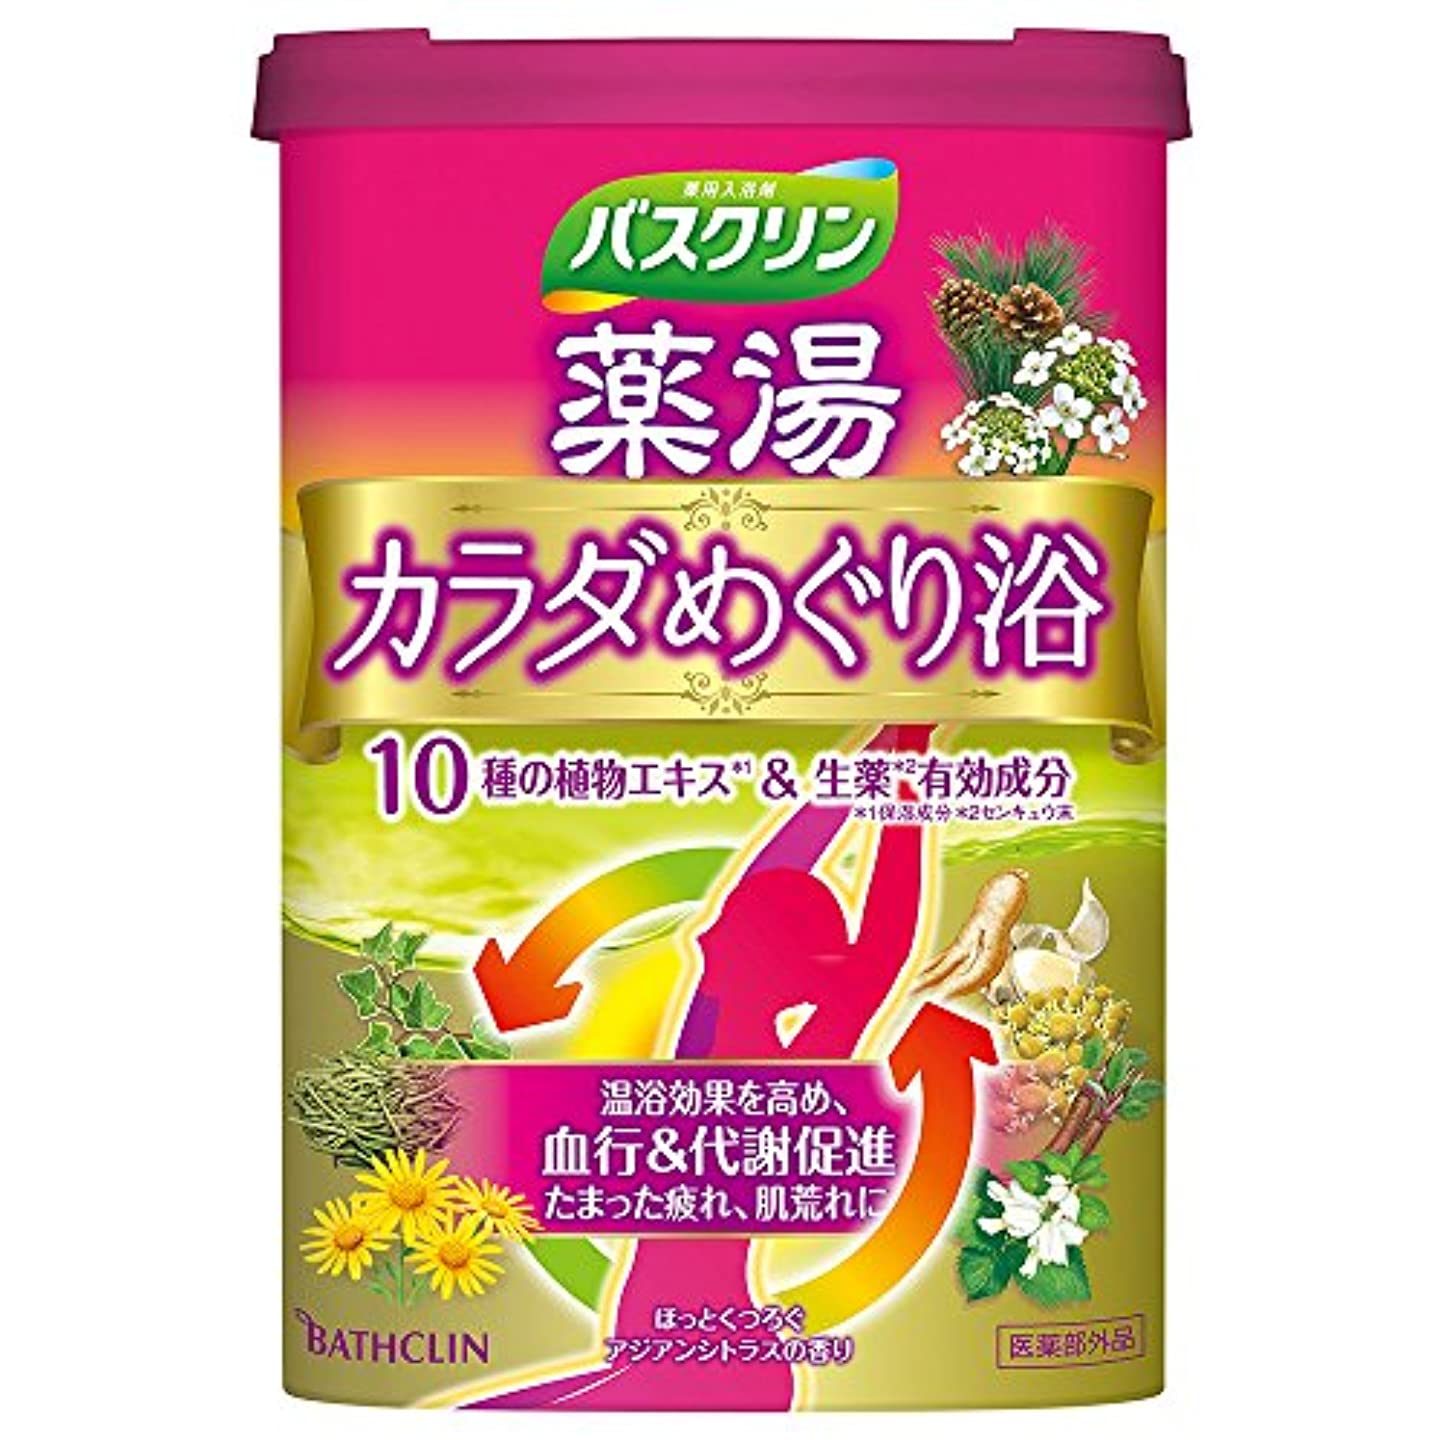 ぜいたくましい制限されたバスクリン薬湯 カラダめぐり浴 ほっとくつろぐアジアンシトラスの香り 600g 入浴剤 (医薬部外品)